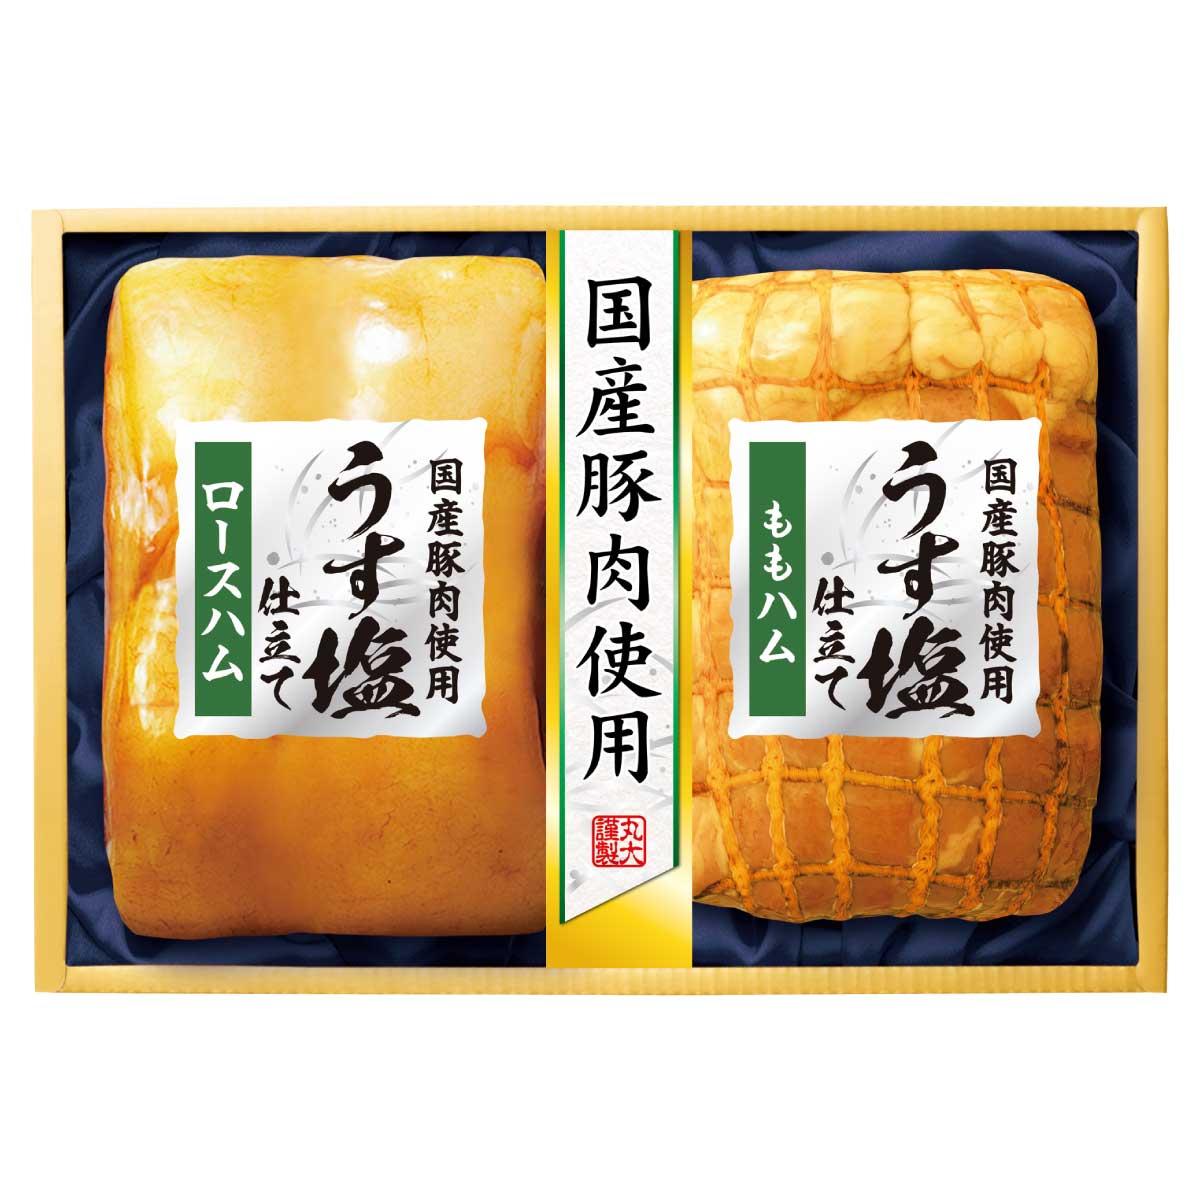 【送料無料】申込番号149* 丸大食品 国産豚肉使用 うす塩仕立てギフト<KMU-50>【お中元】【御中元】【夏ギフト】